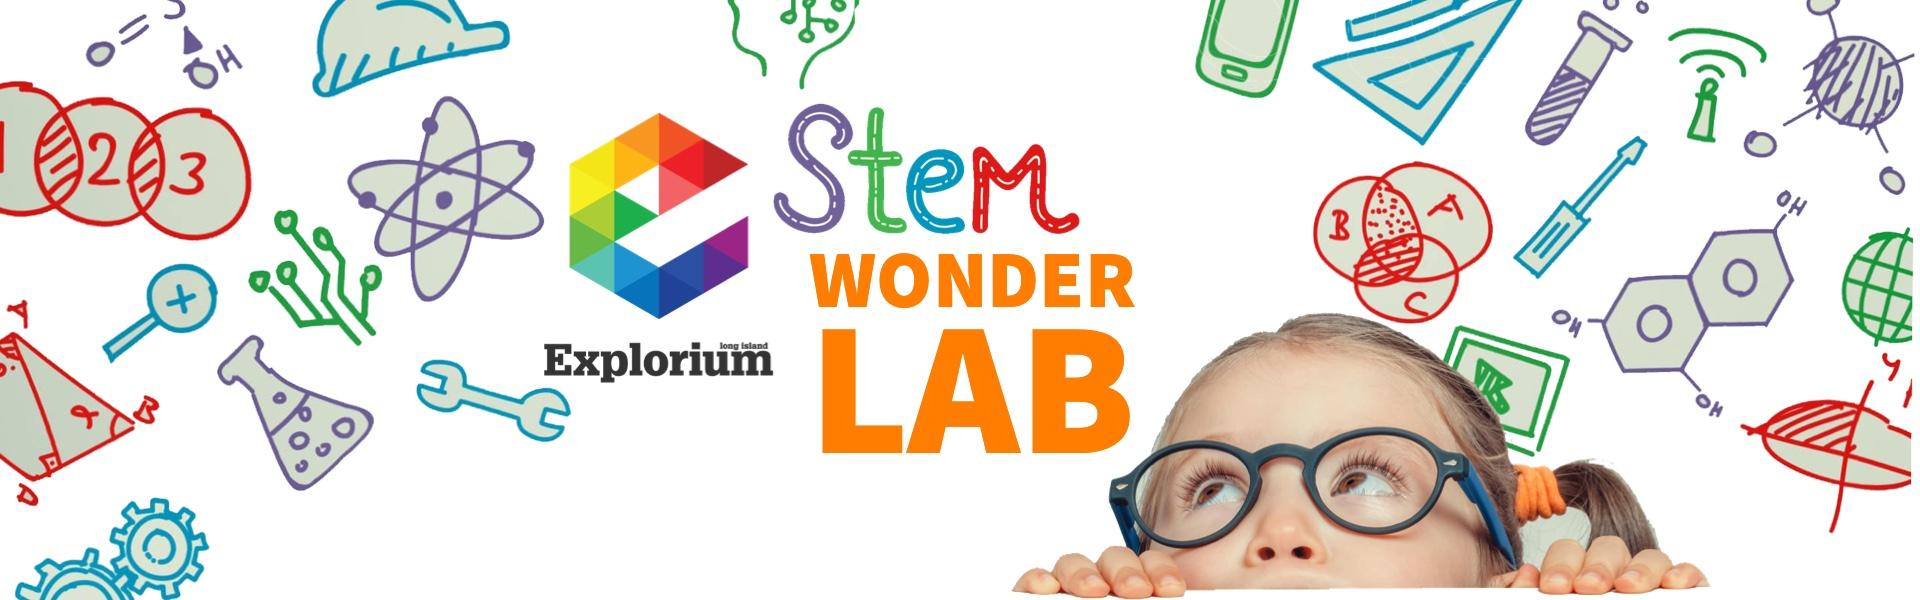 Stem wonder box logo